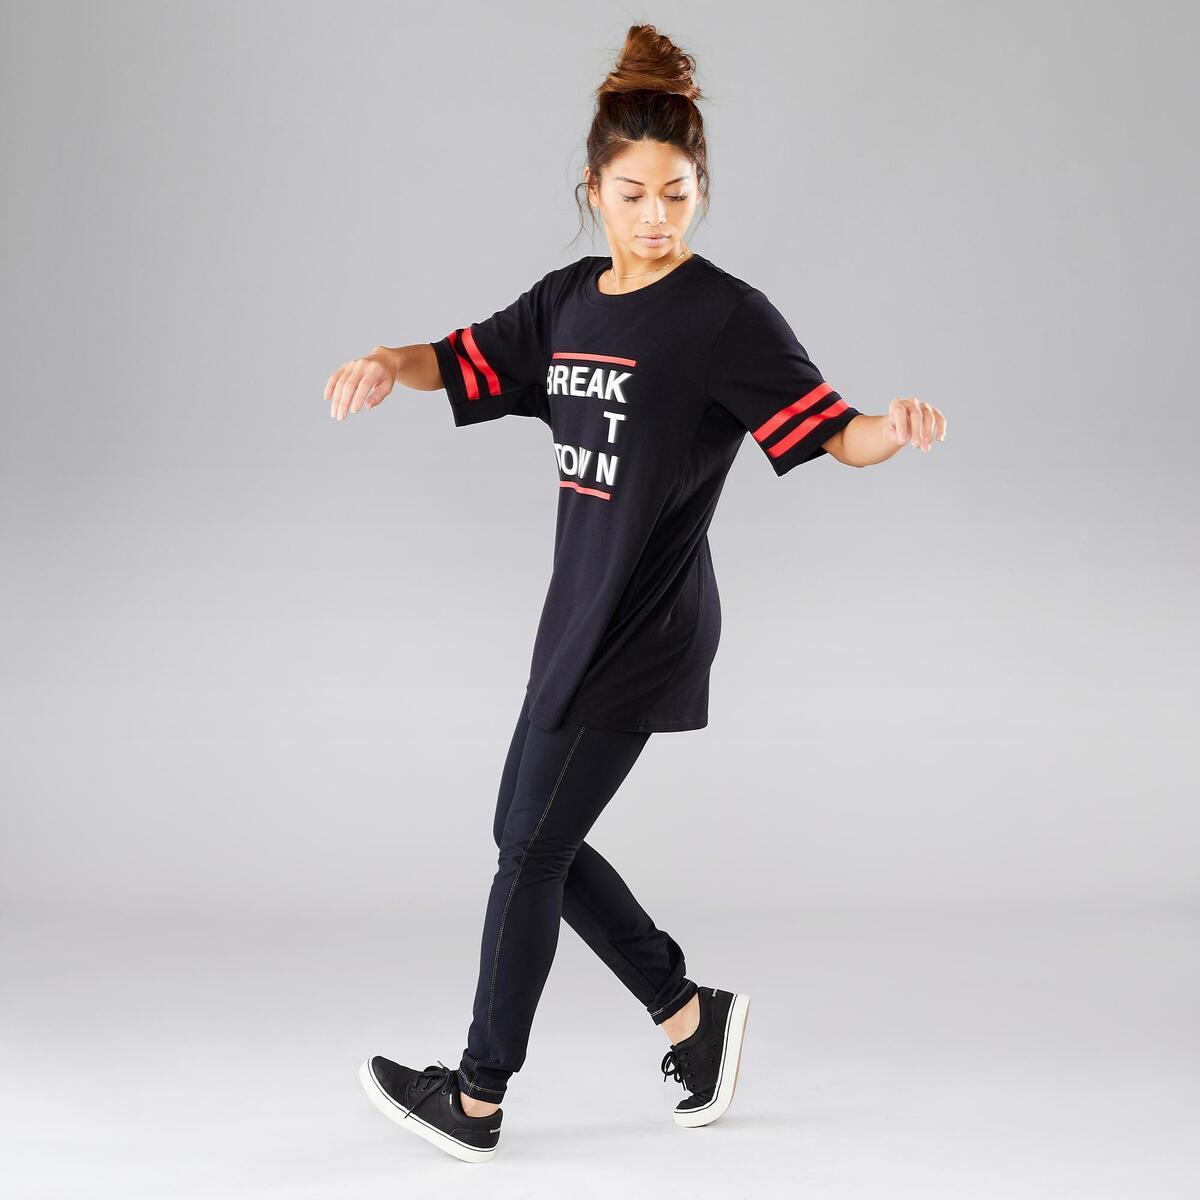 Bild 3 von Tanz-Shirt Street Dance schwarz unisex